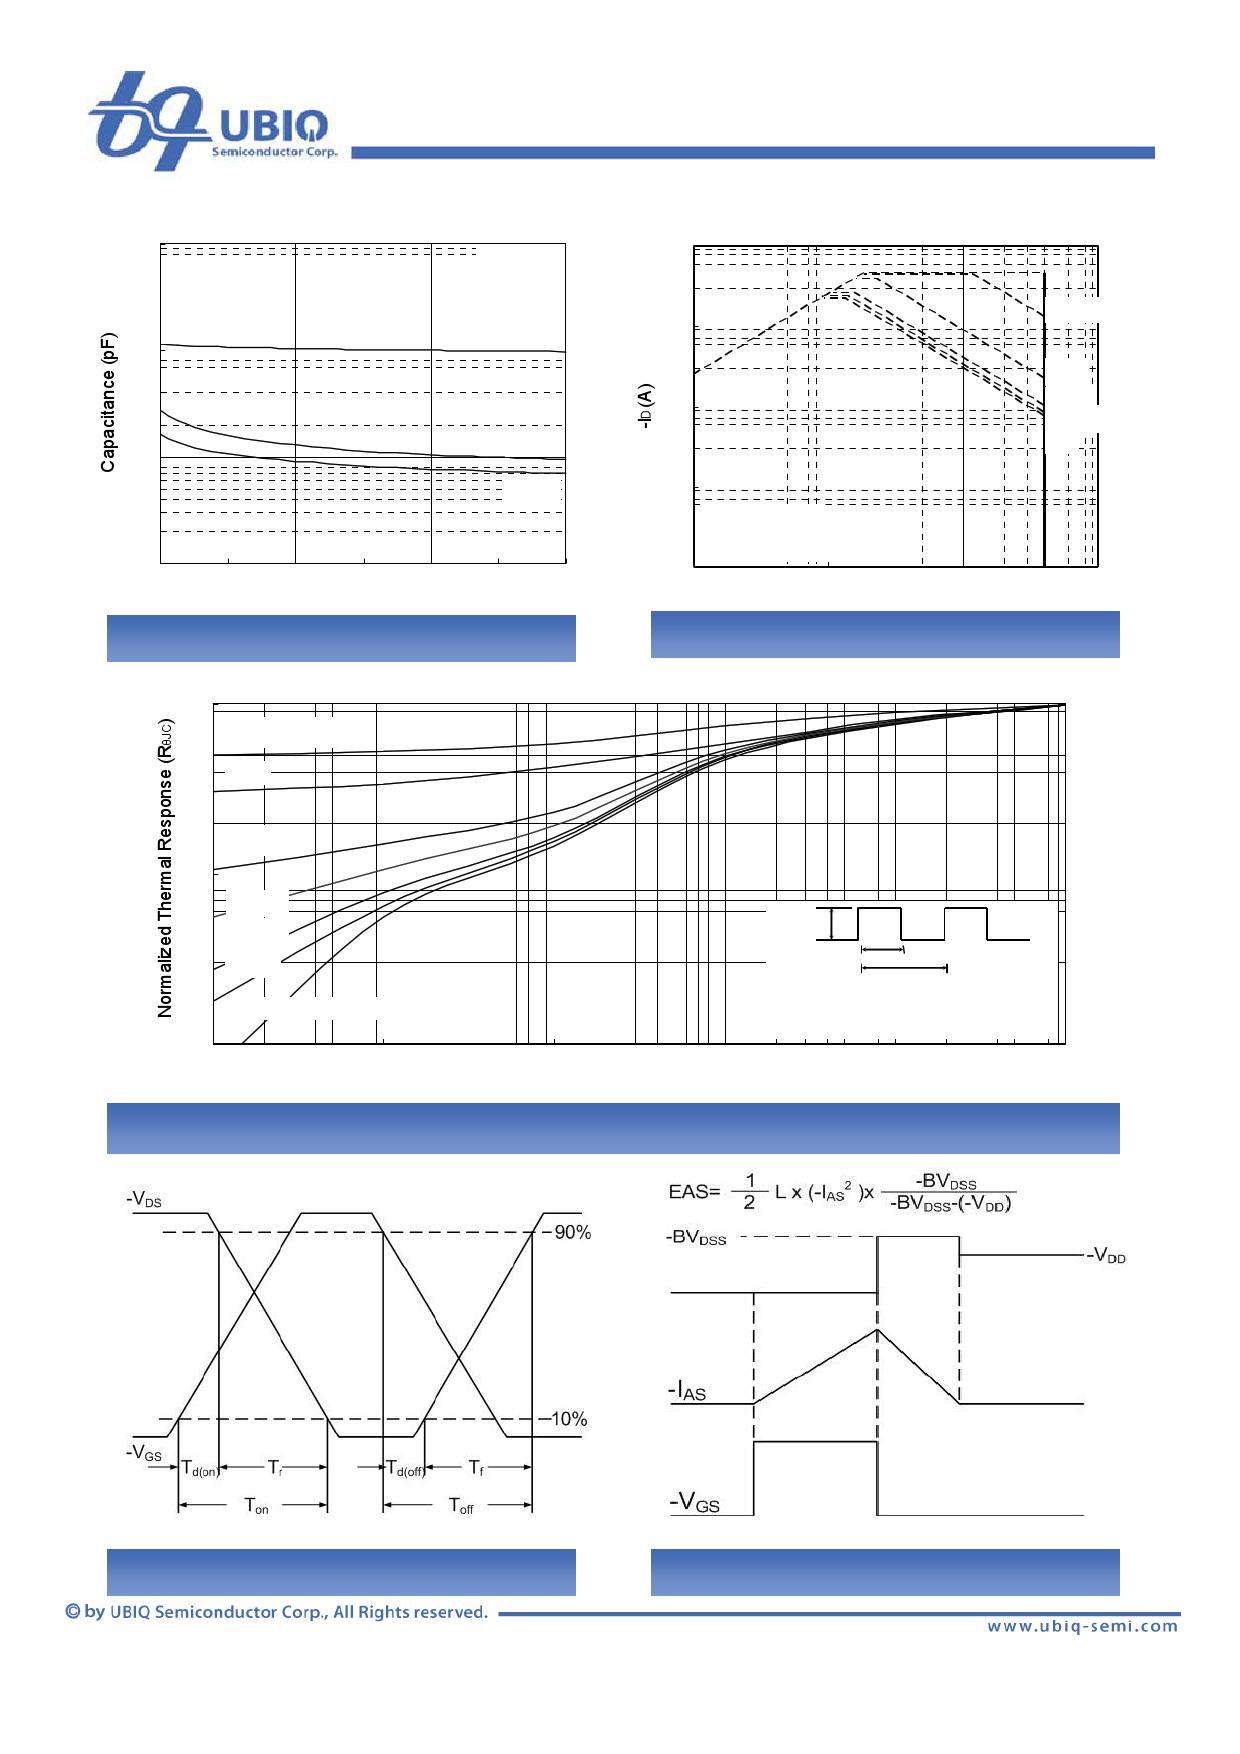 QM4013D pdf, 반도체, 판매, 대치품